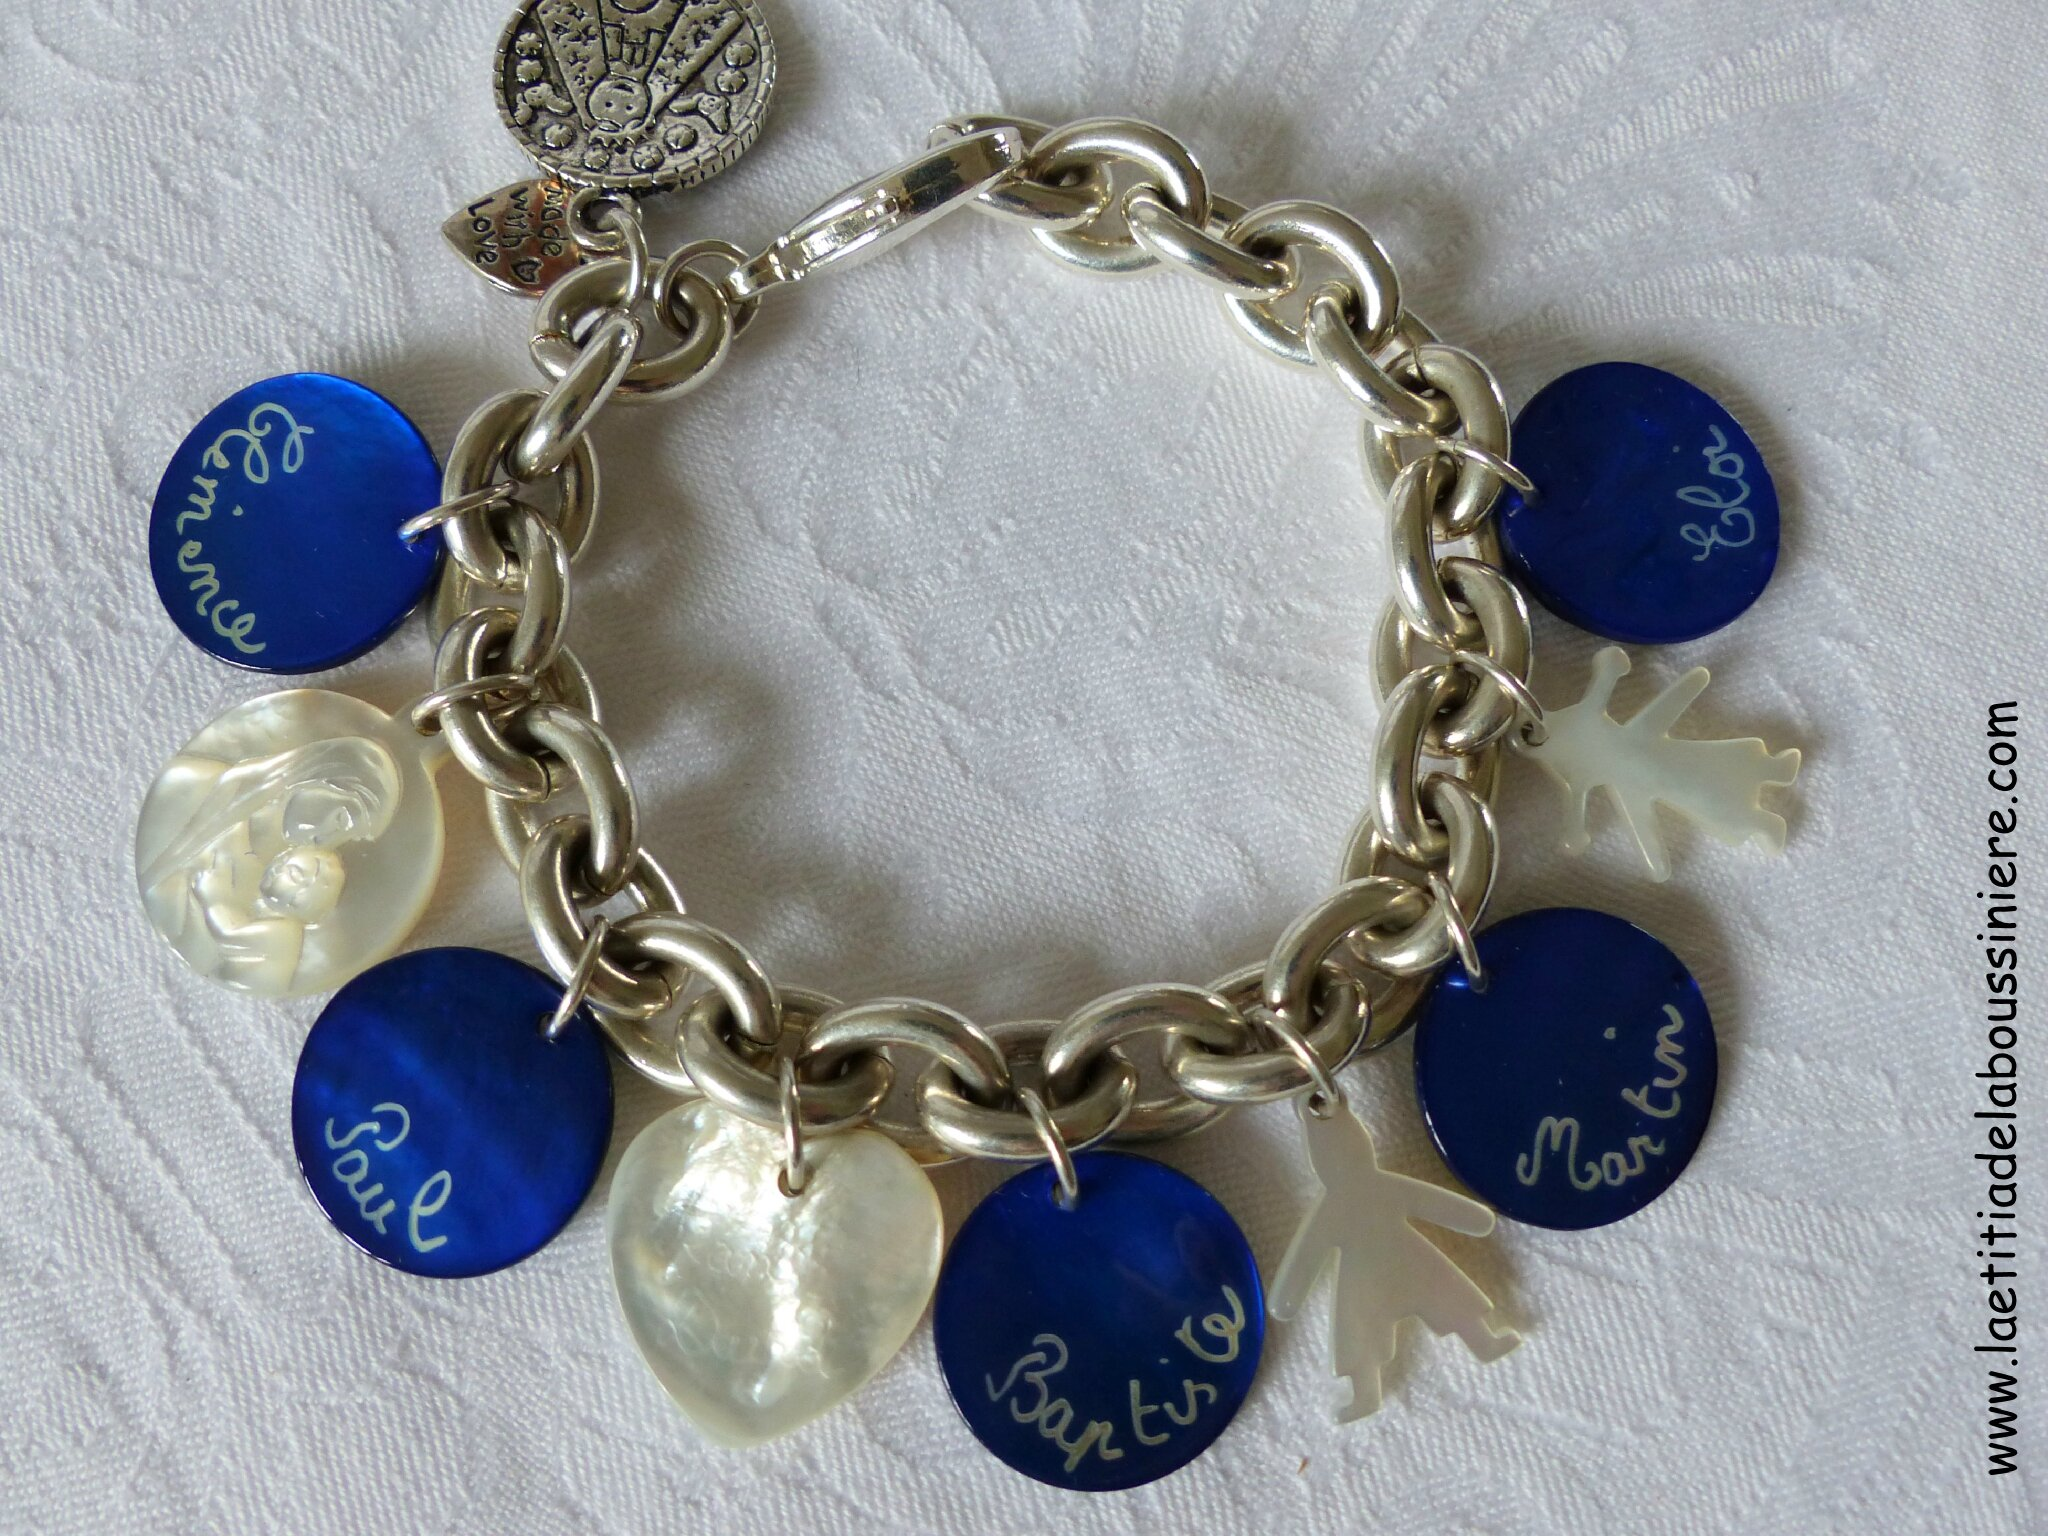 Bracelet personnalisé sur chaîne plaqué argent ovale composé de 5 médailles en nacre gravées et de breloques coeur, garçon, fille et Vierge à l'Enfant en nacre